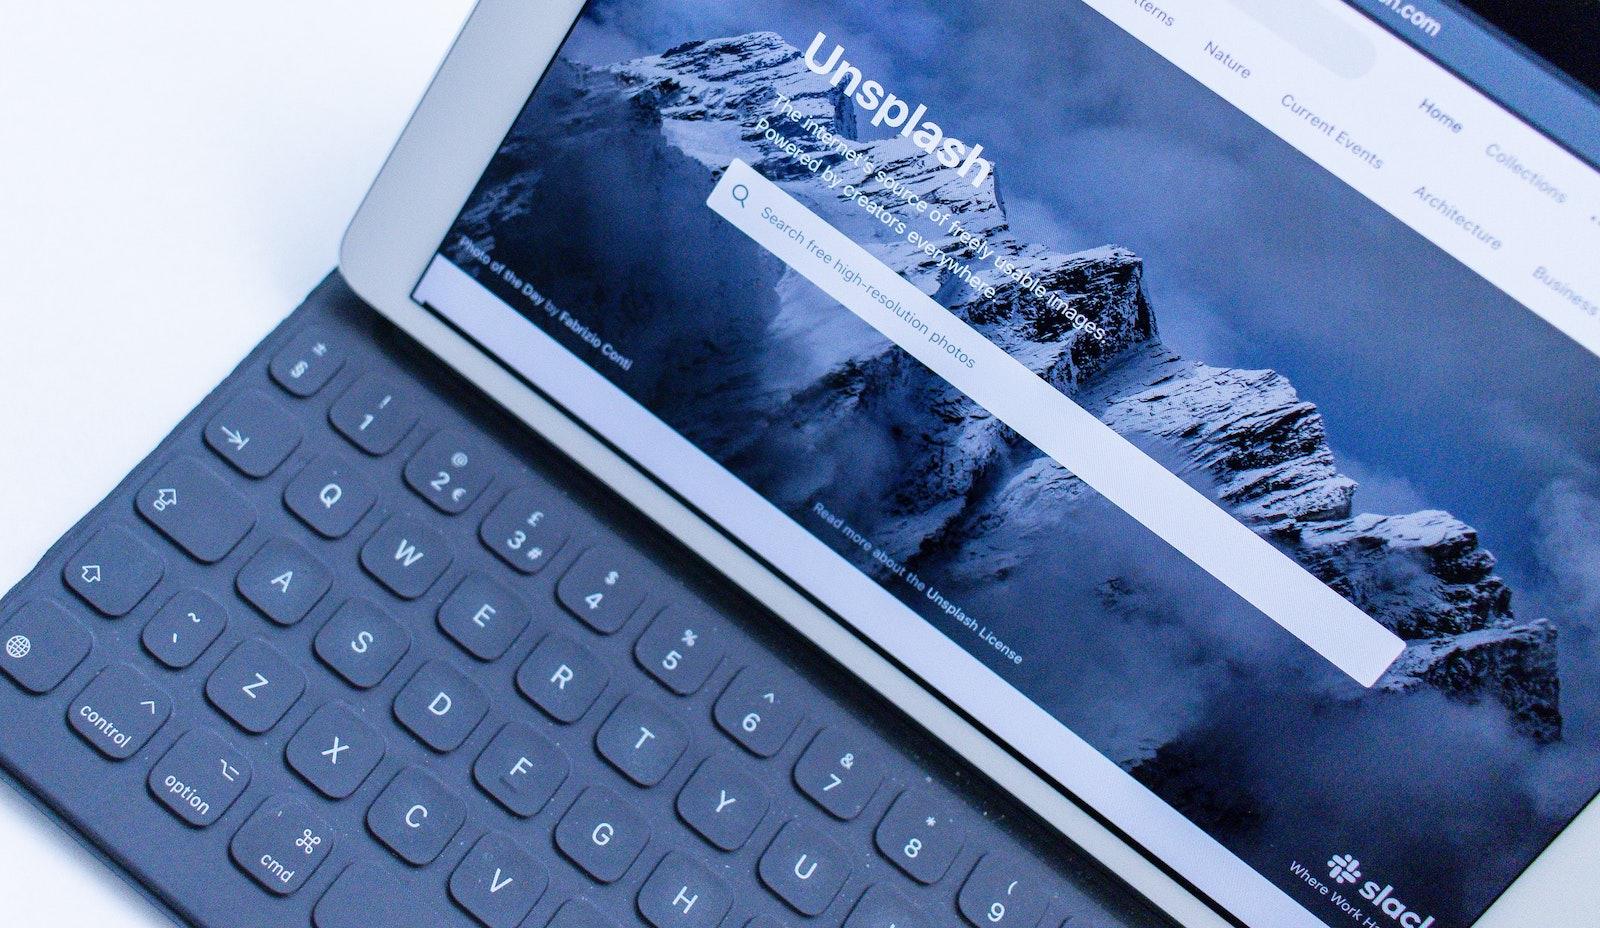 Dele oke bz1oJVjKxx4 unsplash ipad smart keyboard